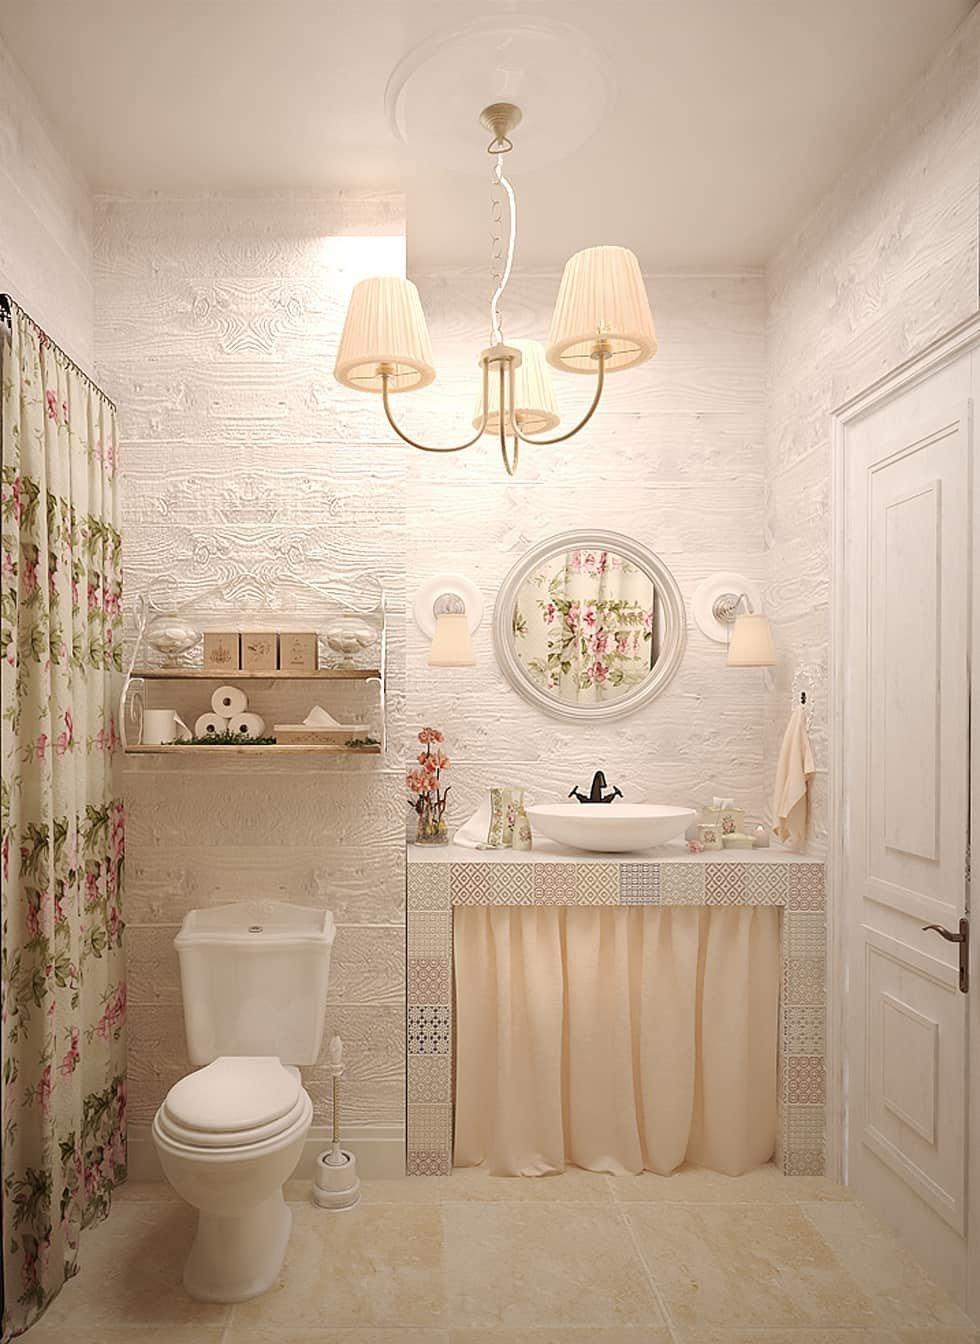 Романтичный стиль прованс в интерьере ванной комнаты